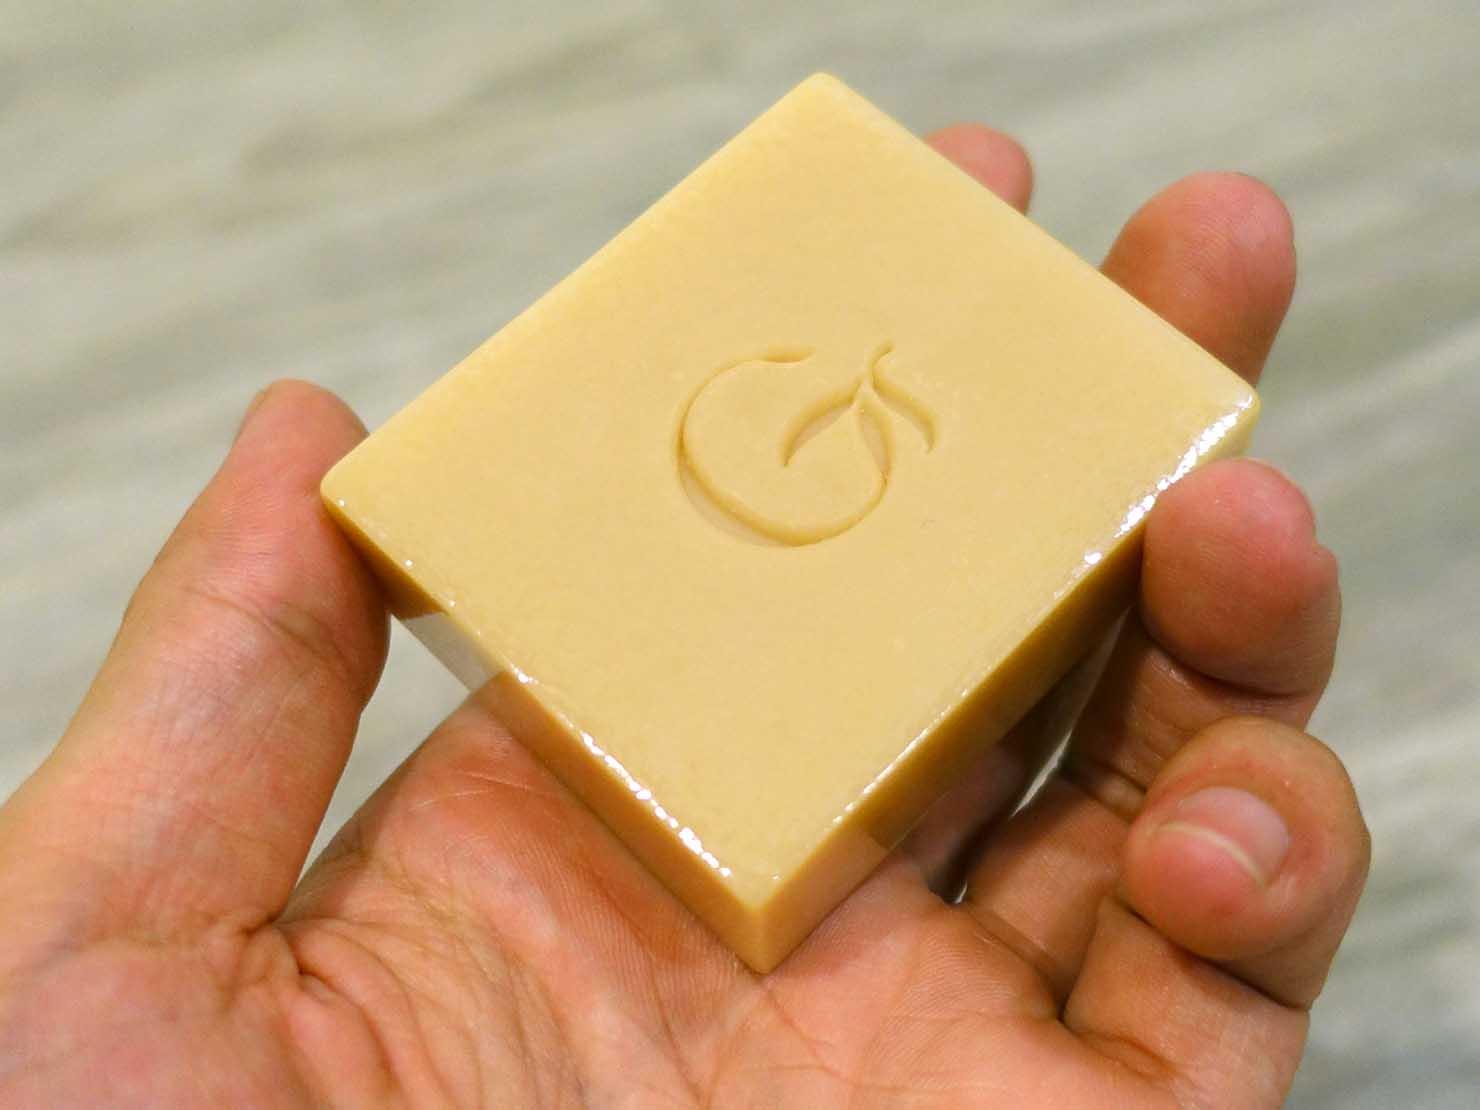 台北おみやげにおすすめのコスメブランド・綠果の「月見草母乳皂」石鹸